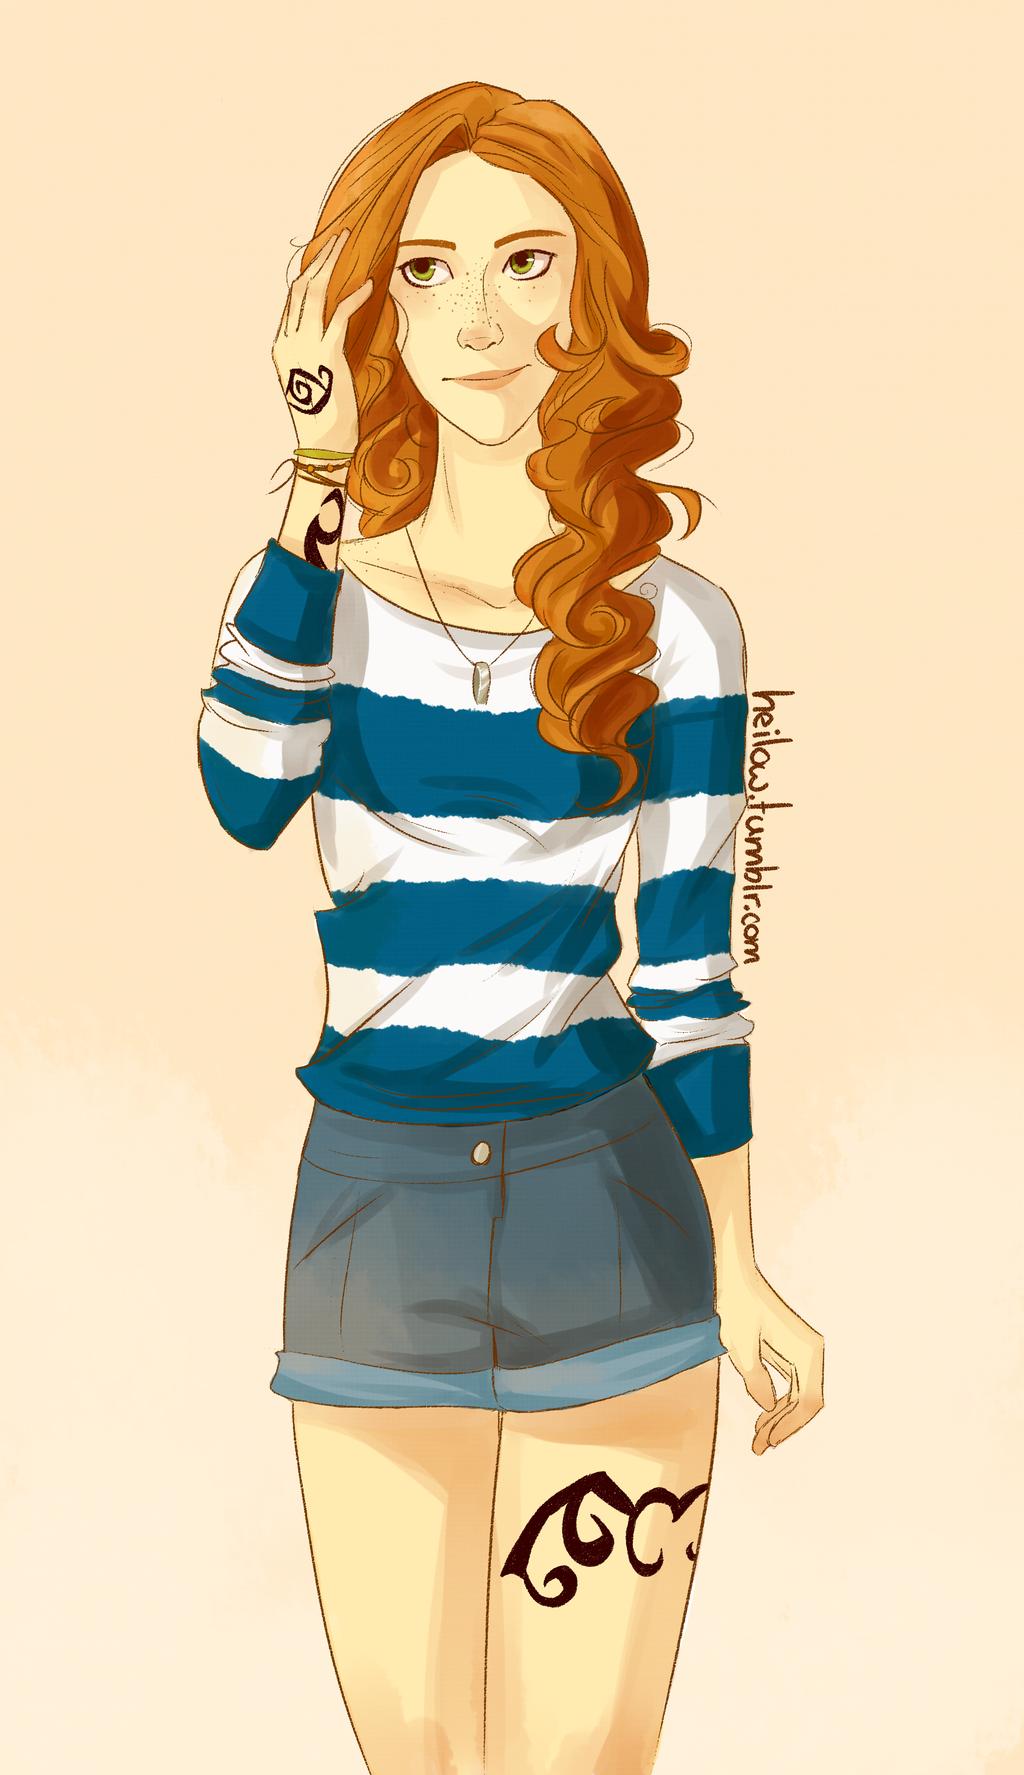 Clary Fray by heilow http://heilow.deviantart.com/art/Clary-443857744